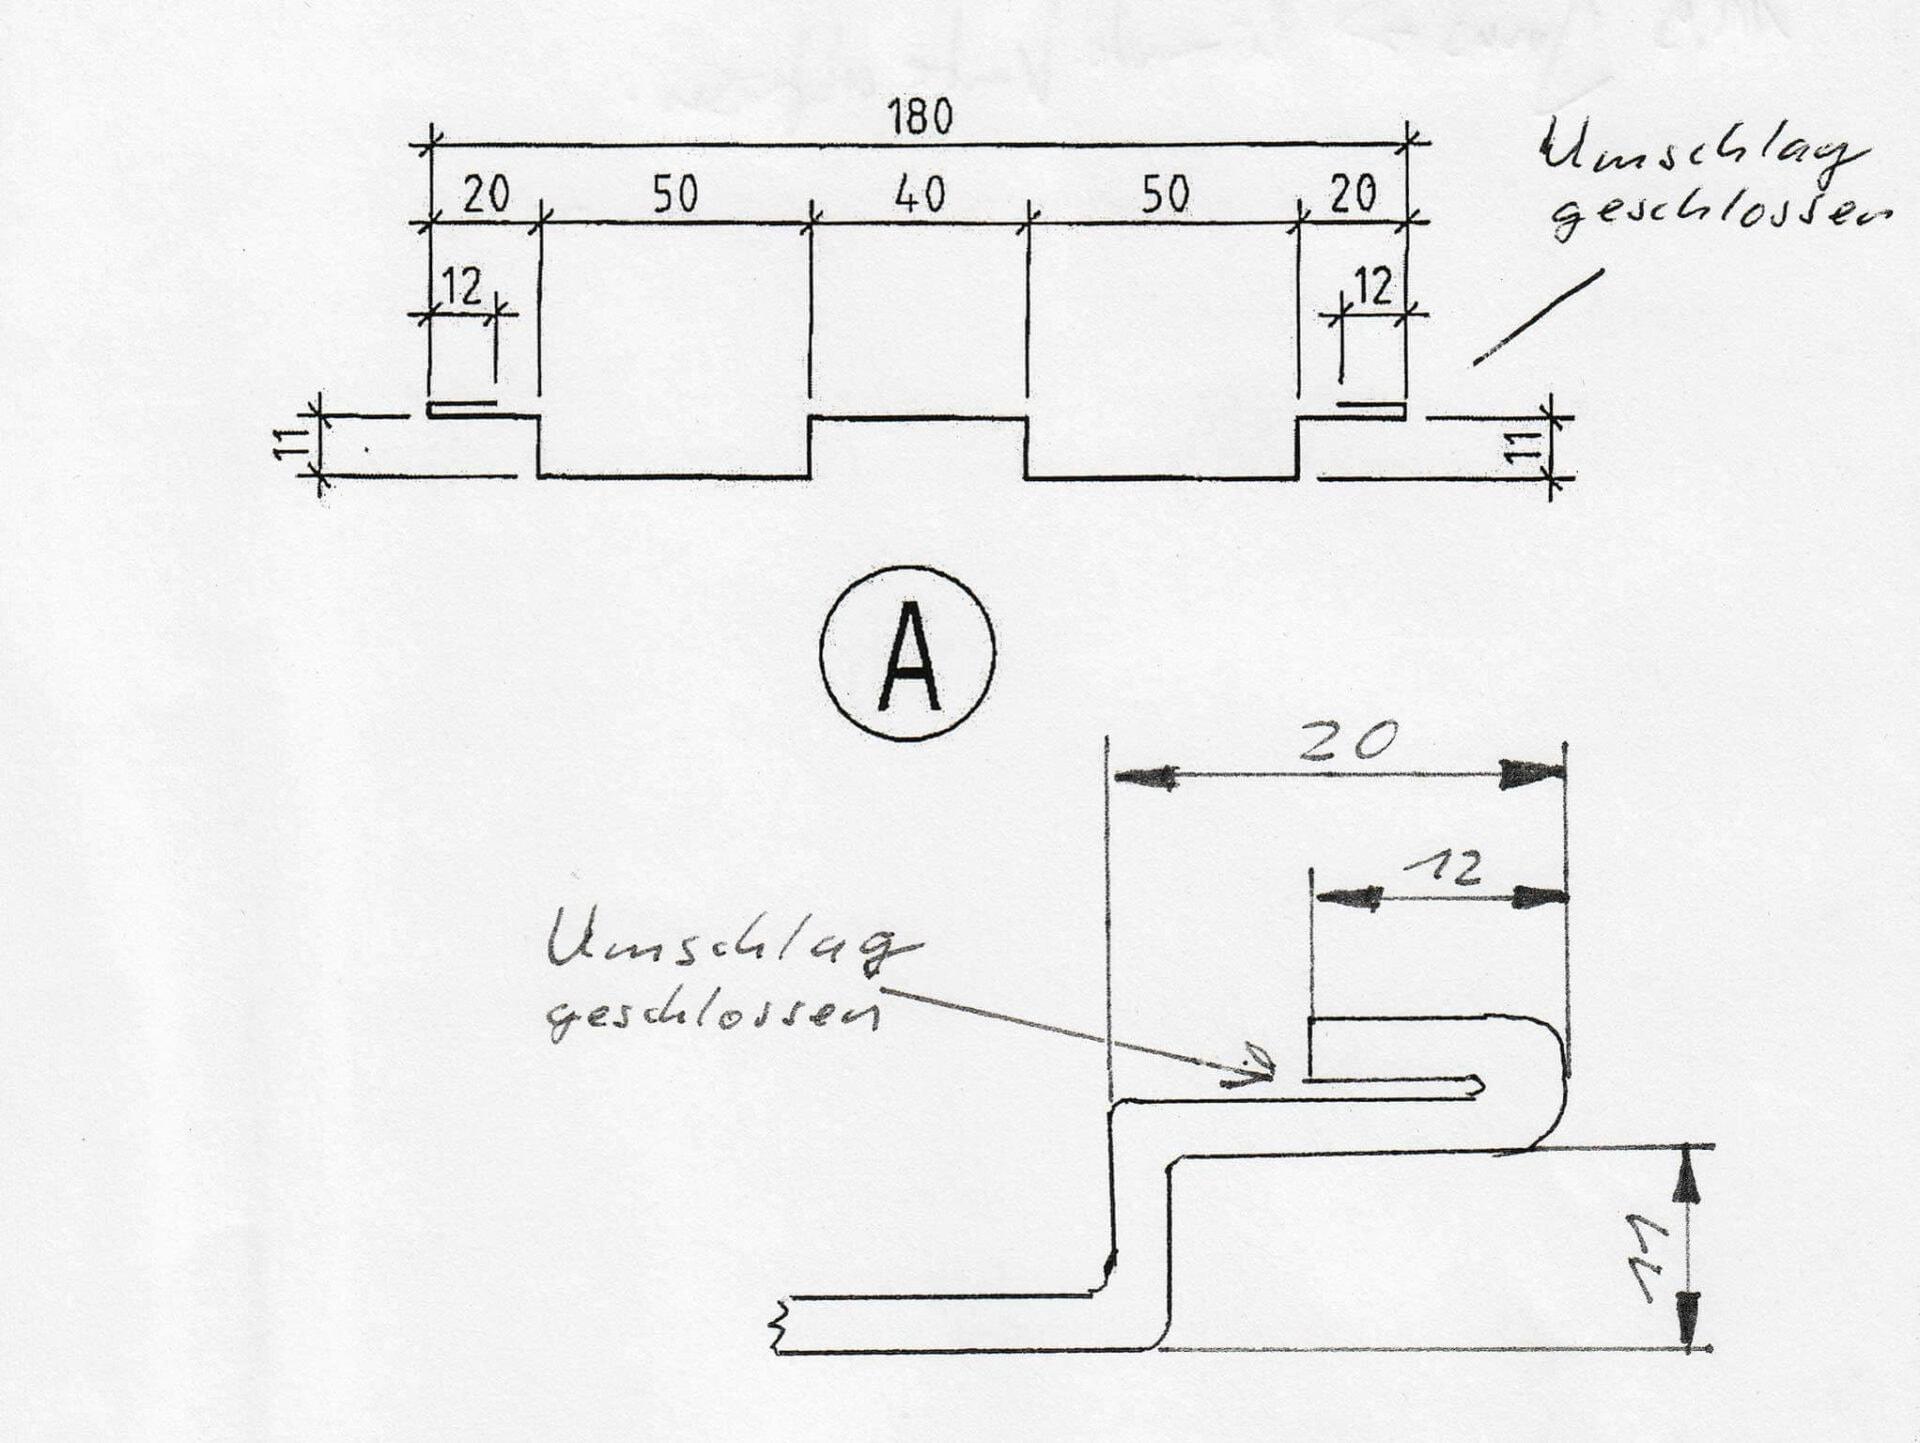 TYPISCHES KUNDENPROFIL:Eine von rund 30 Zeichnungen mit einem typischen Kundenprofil, die SCHRAG im Rahmen des Auswahlverfahrens den ausgewählten Herstellern vorab hat zukommen und biegen lassen.